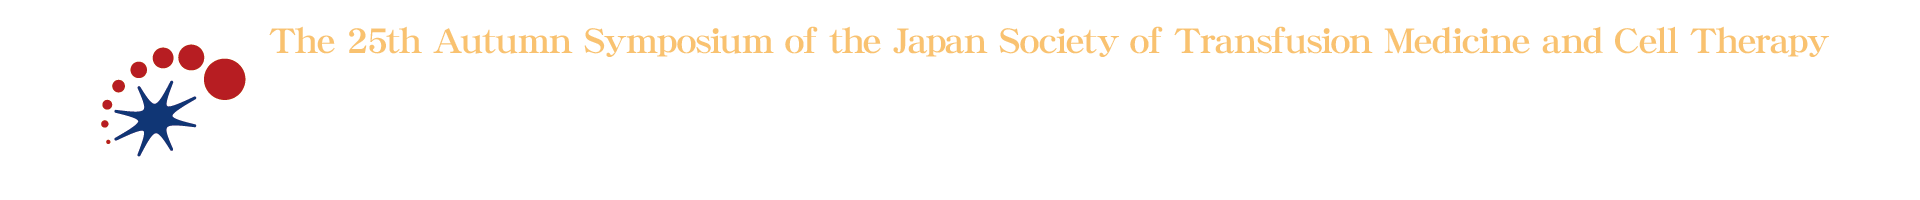 参加者へのお知らせ | 第25回日本輸血・細胞治療学会秋季 ...